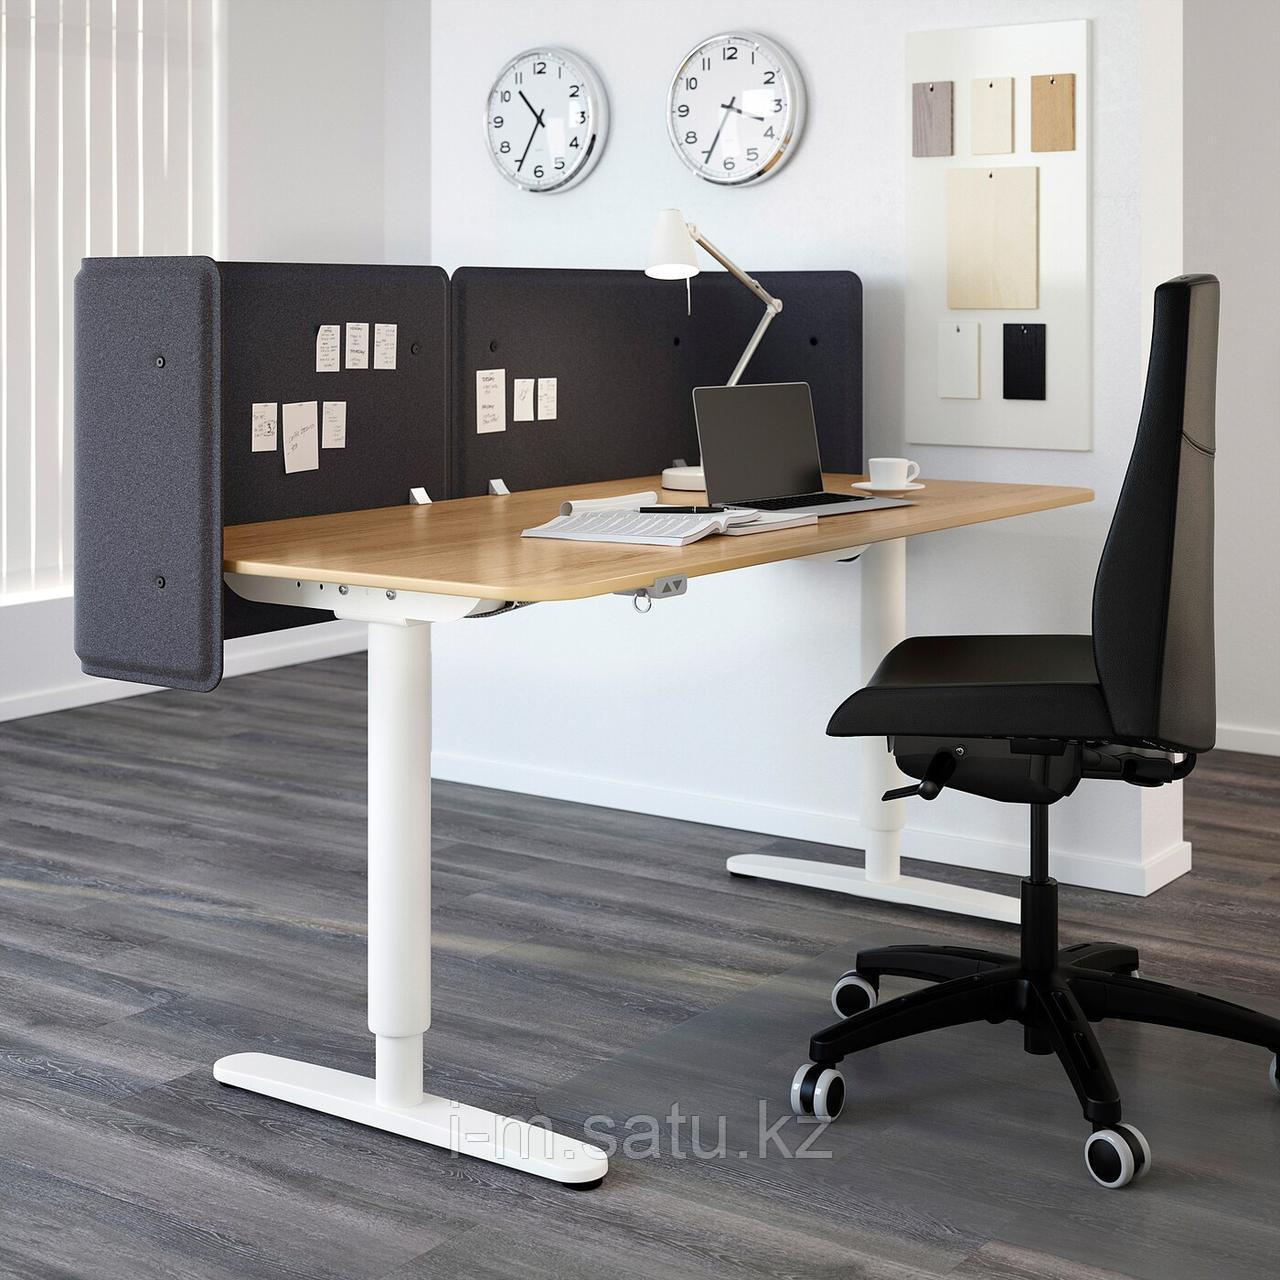 БЕКАНТ Экран д/письменного стола, серый, серый 55 см